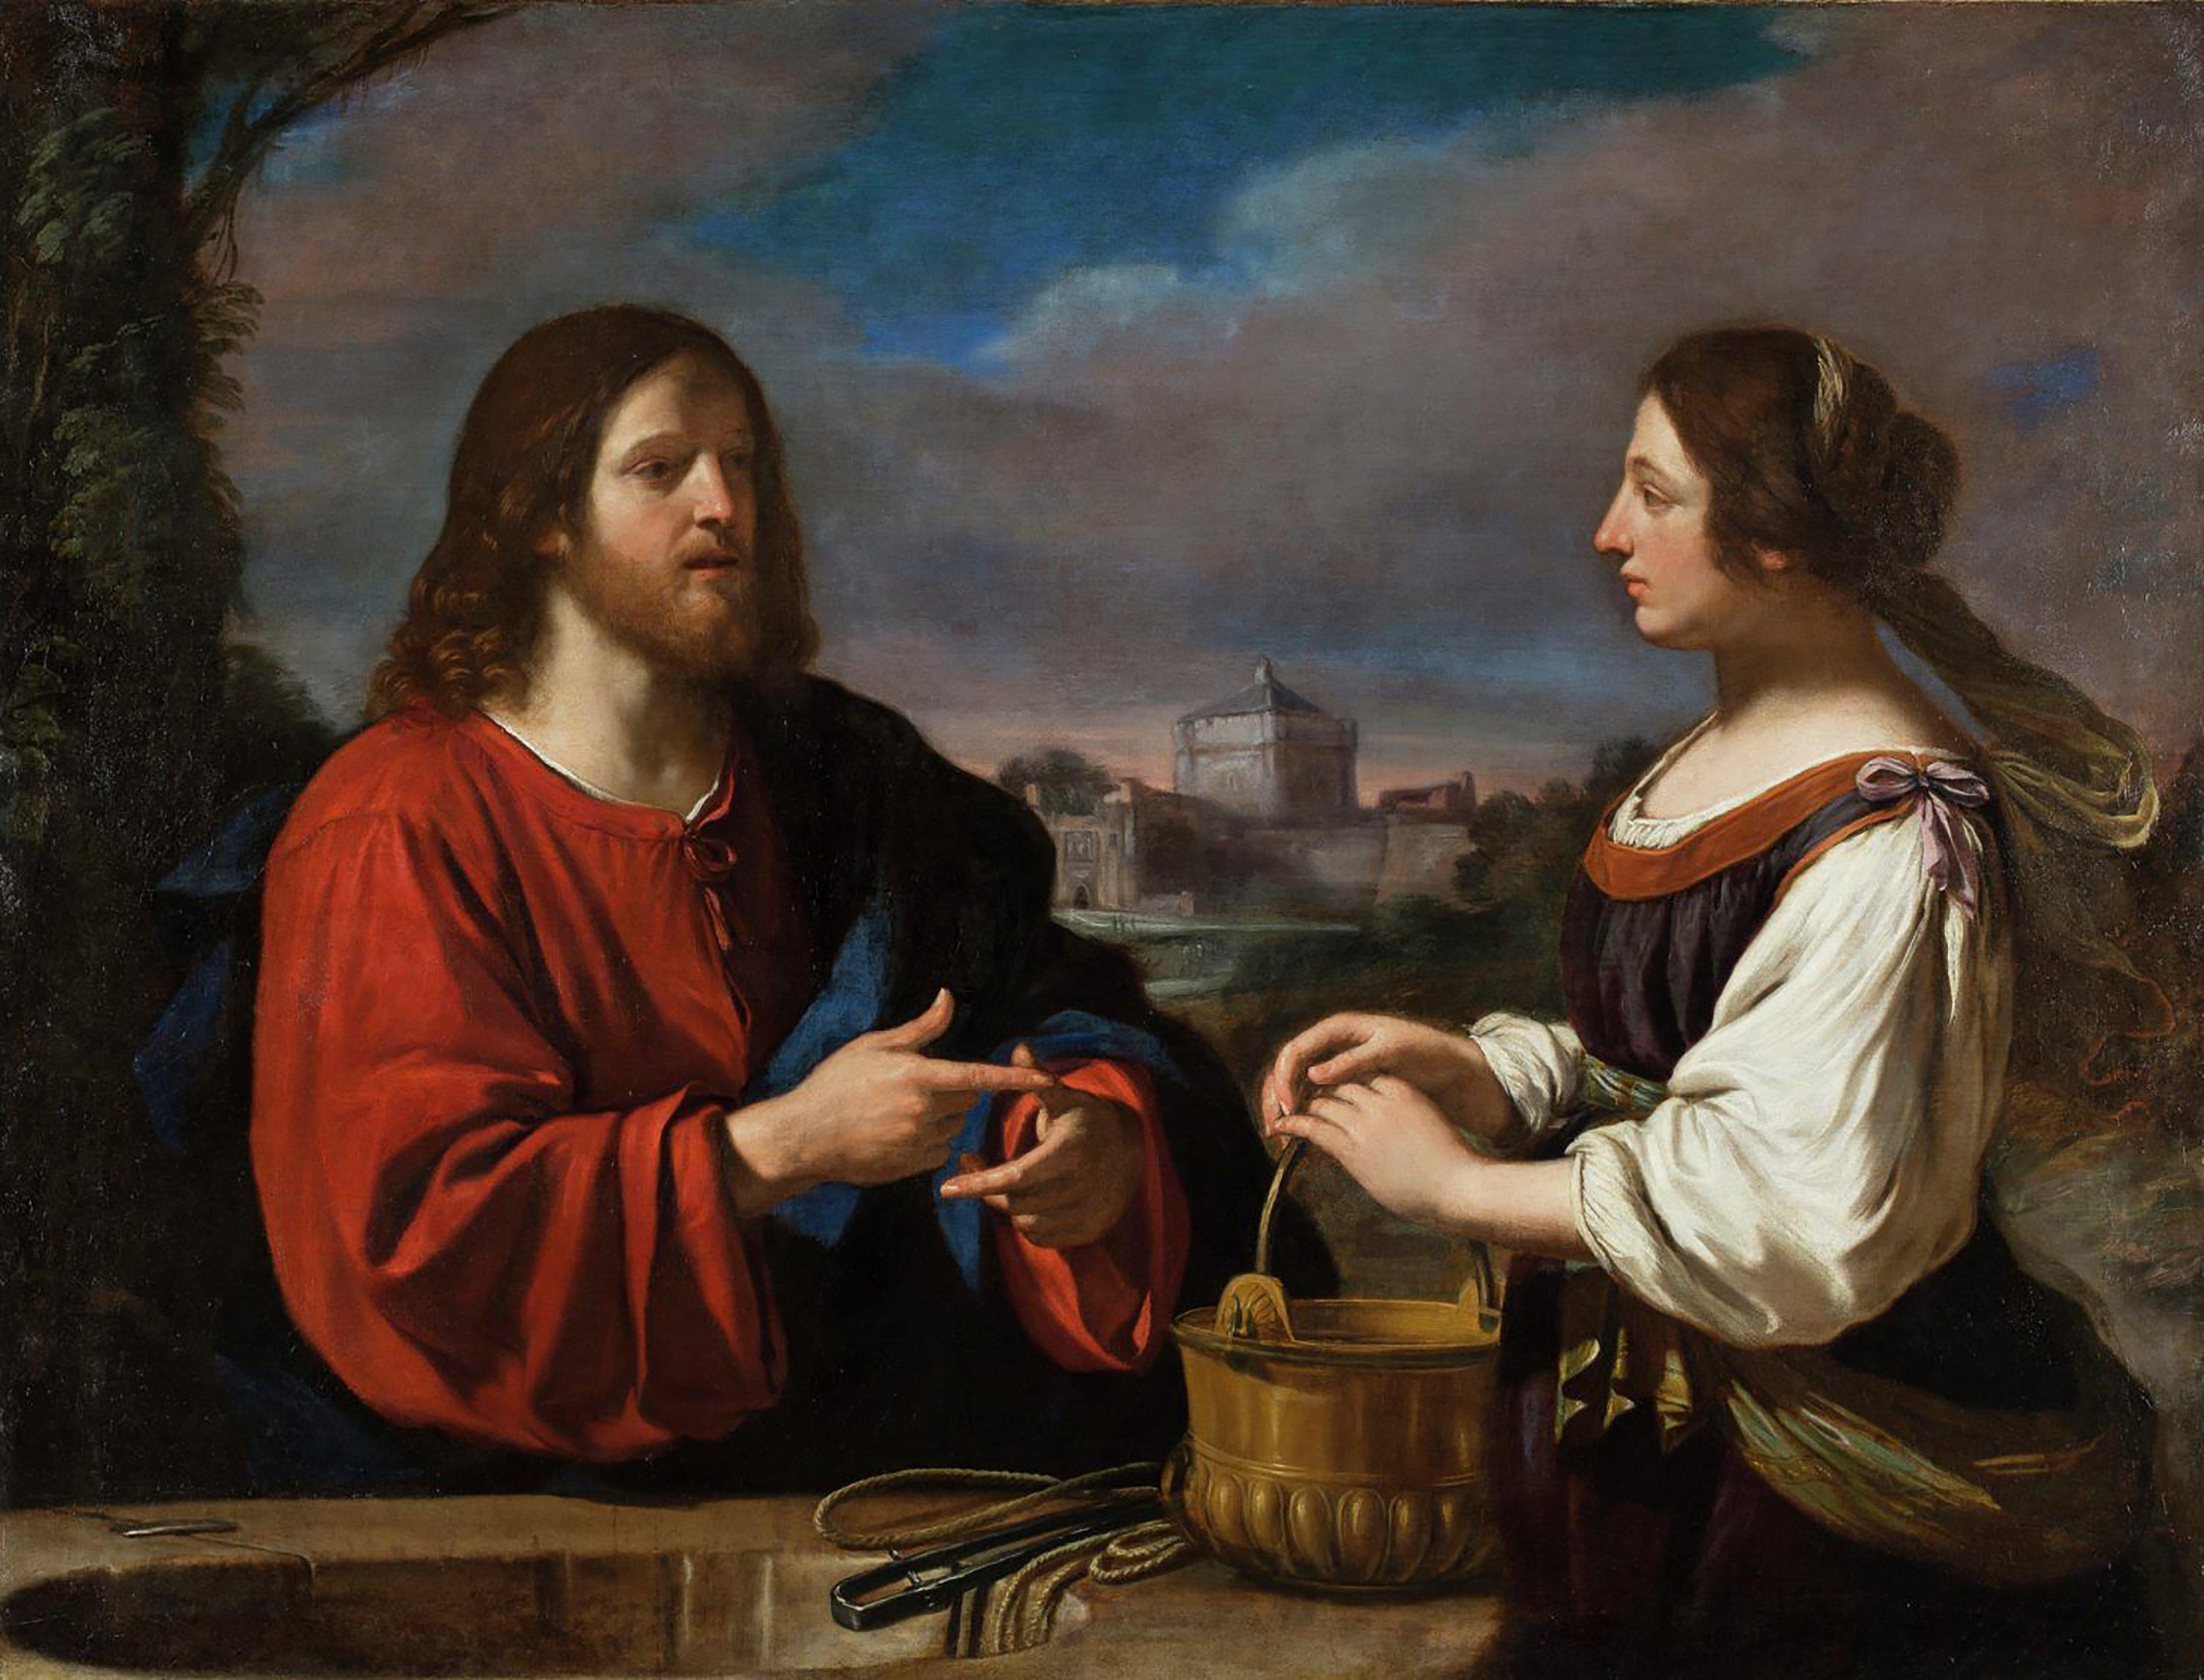 Jesus Cristo e a samaritana